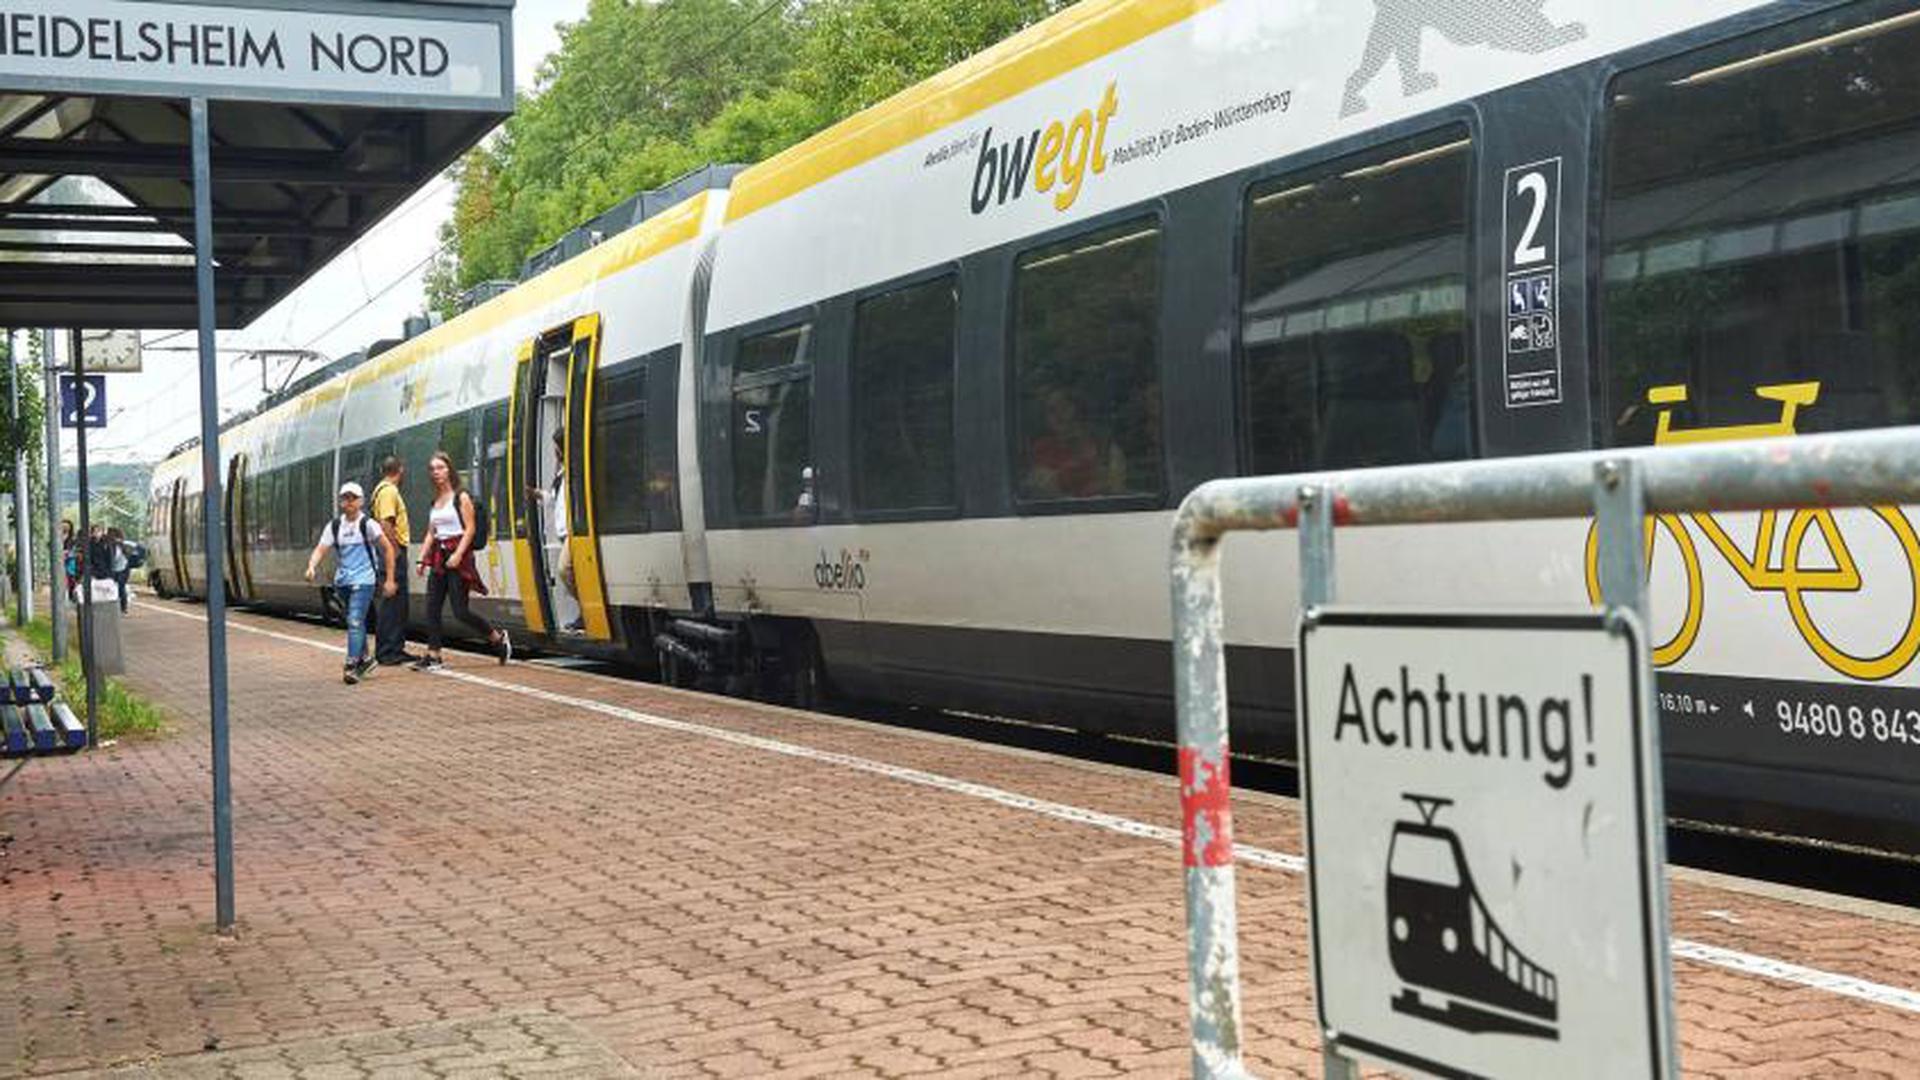 Achtung Abellio: Noch immer läuft der Zugverkehr auf der Strecke Bruchsal – Bretten mit dem neuen privaten Anbieter nicht flüssig. Viele Fahrgäste sind verärgert. Auch Oberbürgermeisterin und Verwaltung machen deshalb Druck.